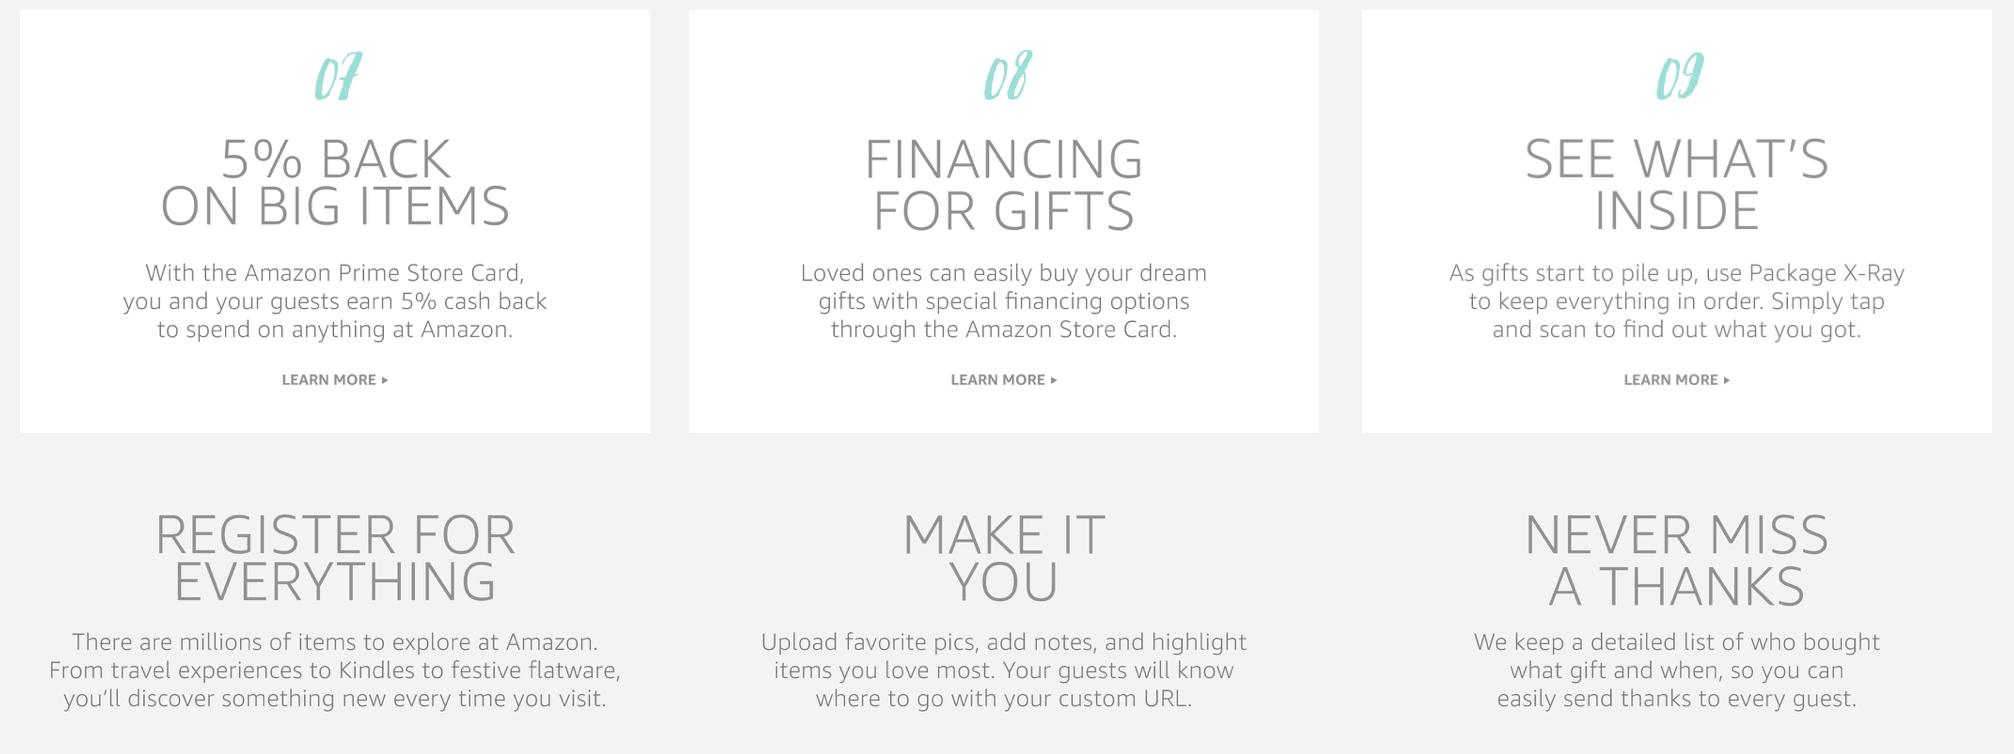 amazon wedding benefits